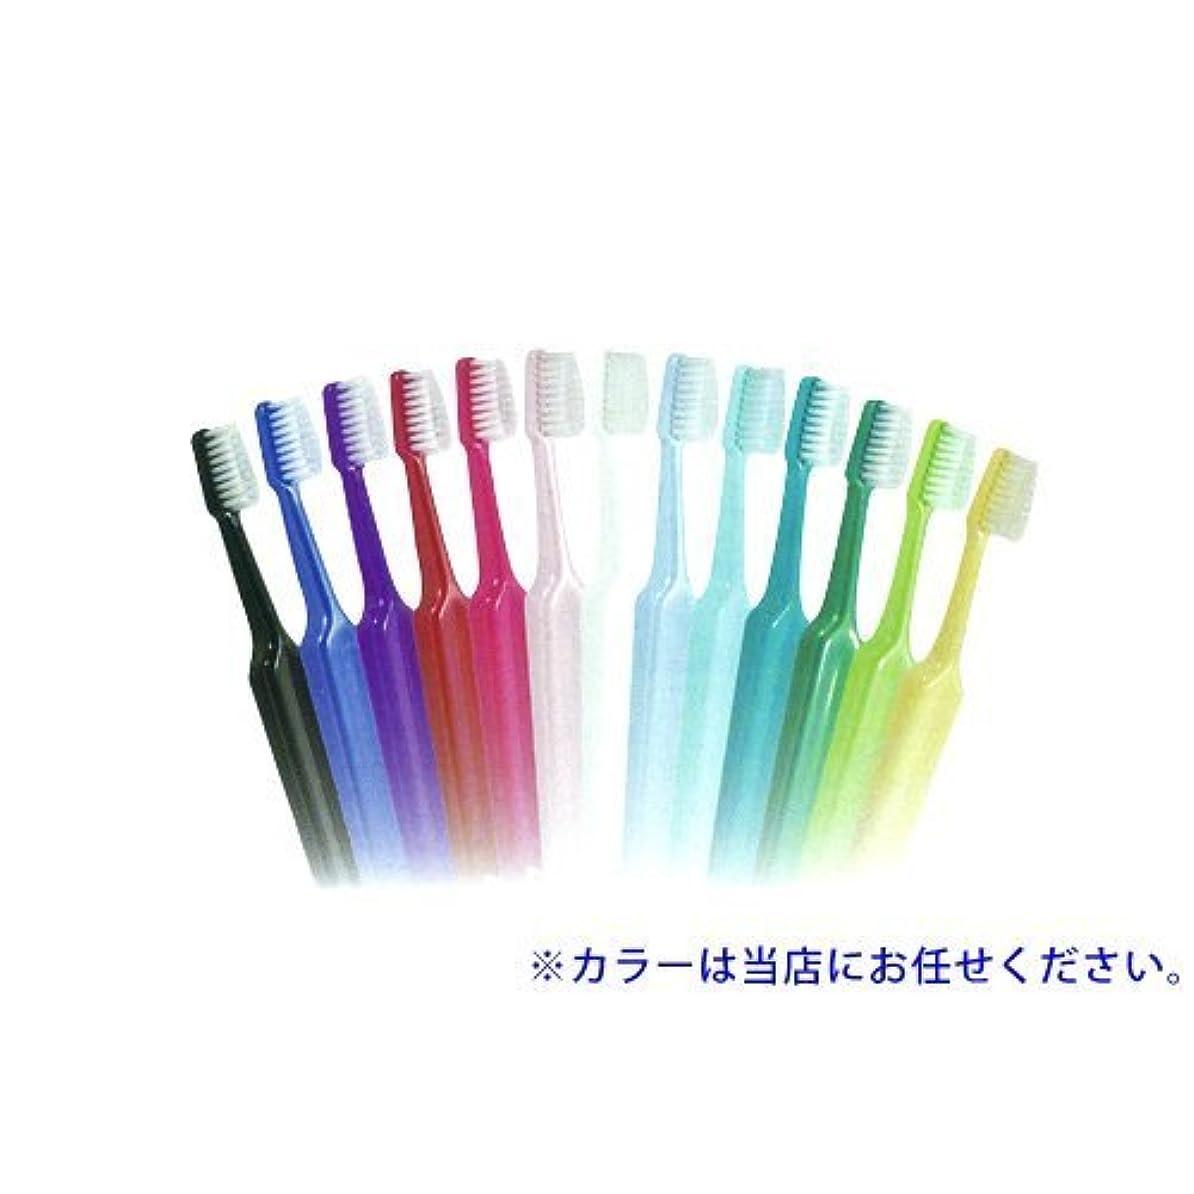 政治的最小化するピストルクロスフィールド TePe テペ セレクト 歯ブラシ 1本 エクストラソフト